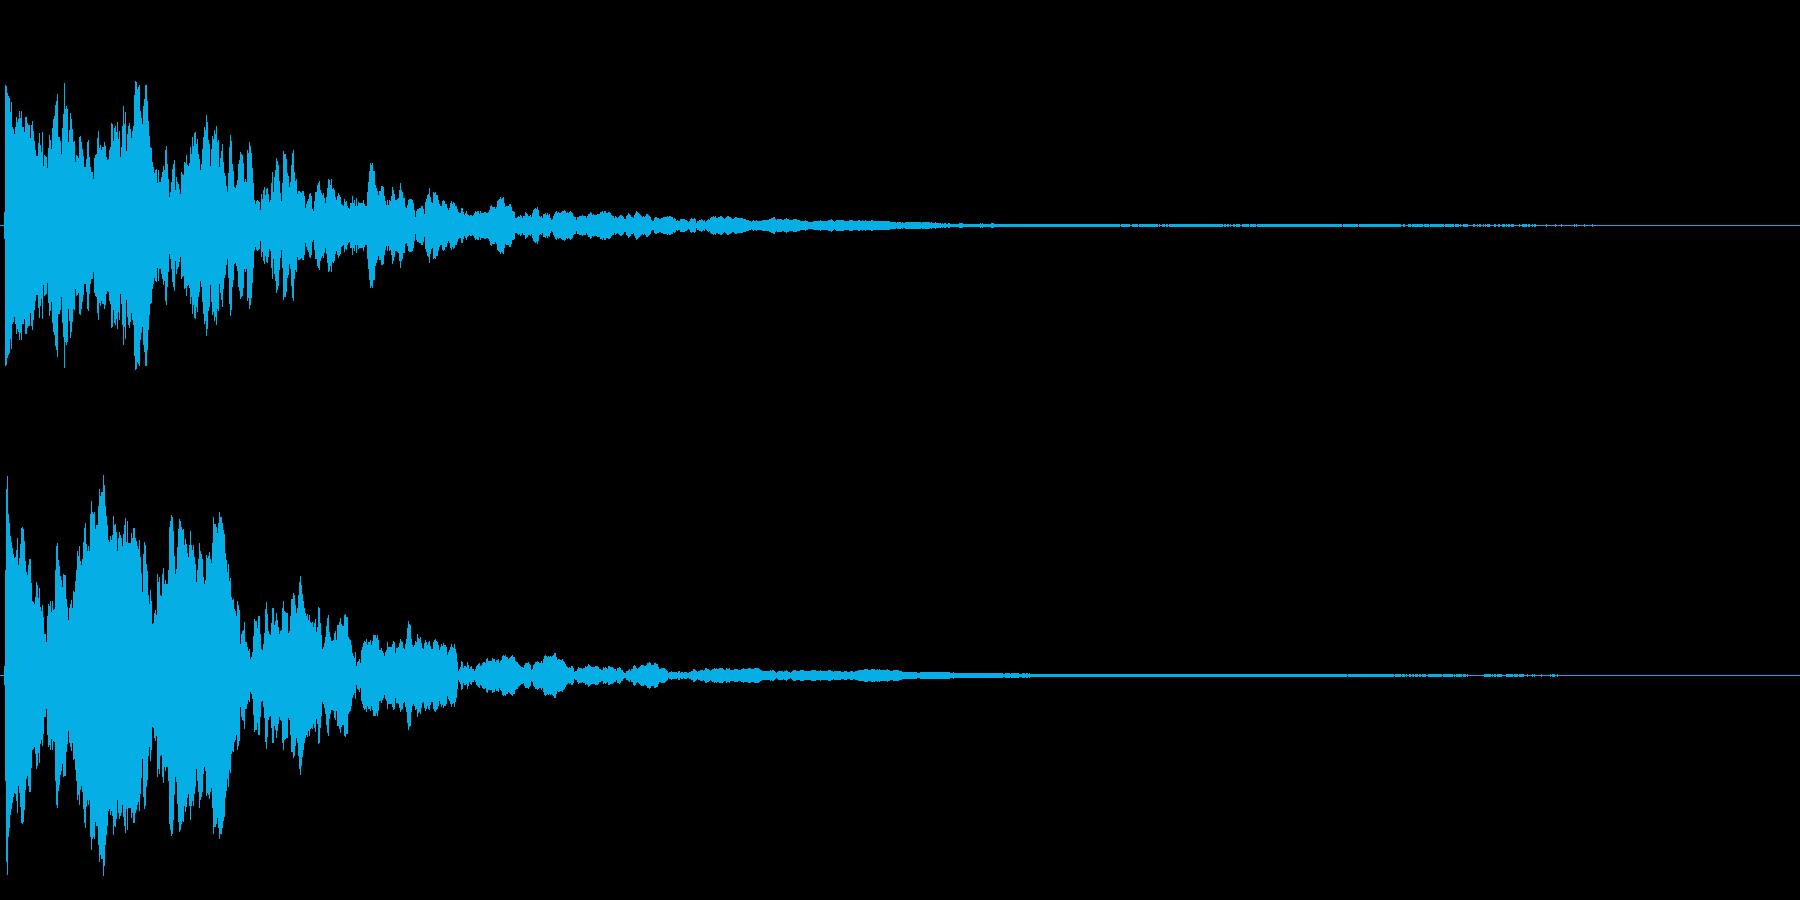 ゲームスタート、決定、ボタン音-098の再生済みの波形